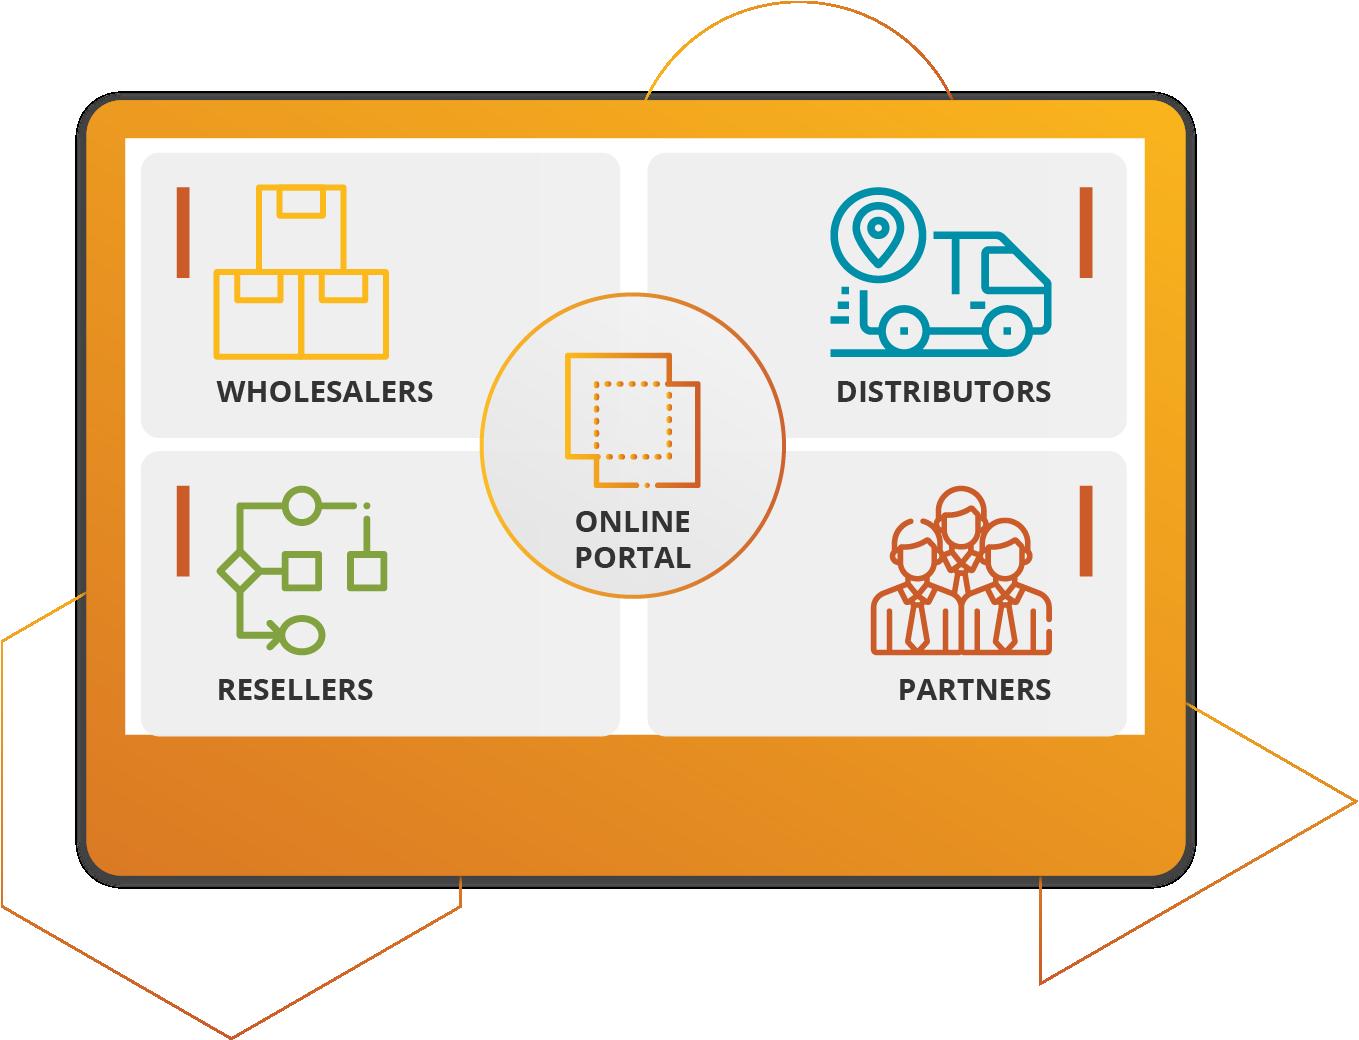 enable online ordering